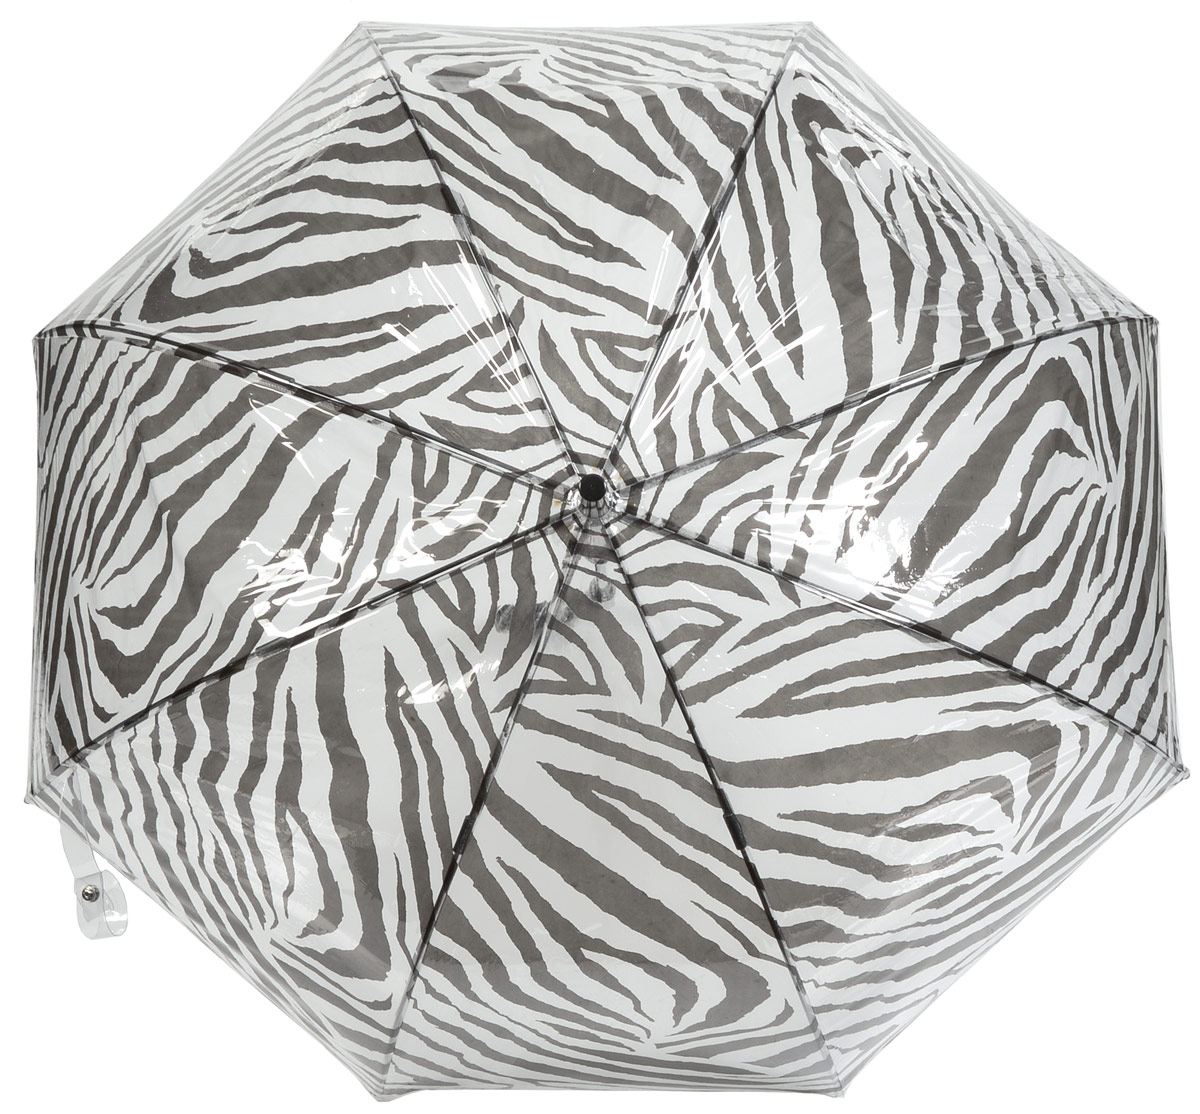 Зонт-трость женский Fulton, механический, цвет: черный, белый. L042-2519CX1516-50-10Стильный зонт-трость Fulton даже в ненастную погоду позволит вам оставаться стильной и элегантной. Каркас зонта включает 8 спиц из фибергласса и состоит из стержня, изготовленного из прочной и ветроустойчивой стали. Купол зонта выполнен из качественного ПВХ.Рукоятка закругленной формы, разработанная с учетом требований эргономики, изготовлена из пластика.Зонт механического сложения: купол открывается и закрывается вручную до характерного щелчка.Такой зонт не только надежно защитит вас от дождя, но и станет стильным аксессуаром, который идеально подчеркнет ваш неповторимый образ.